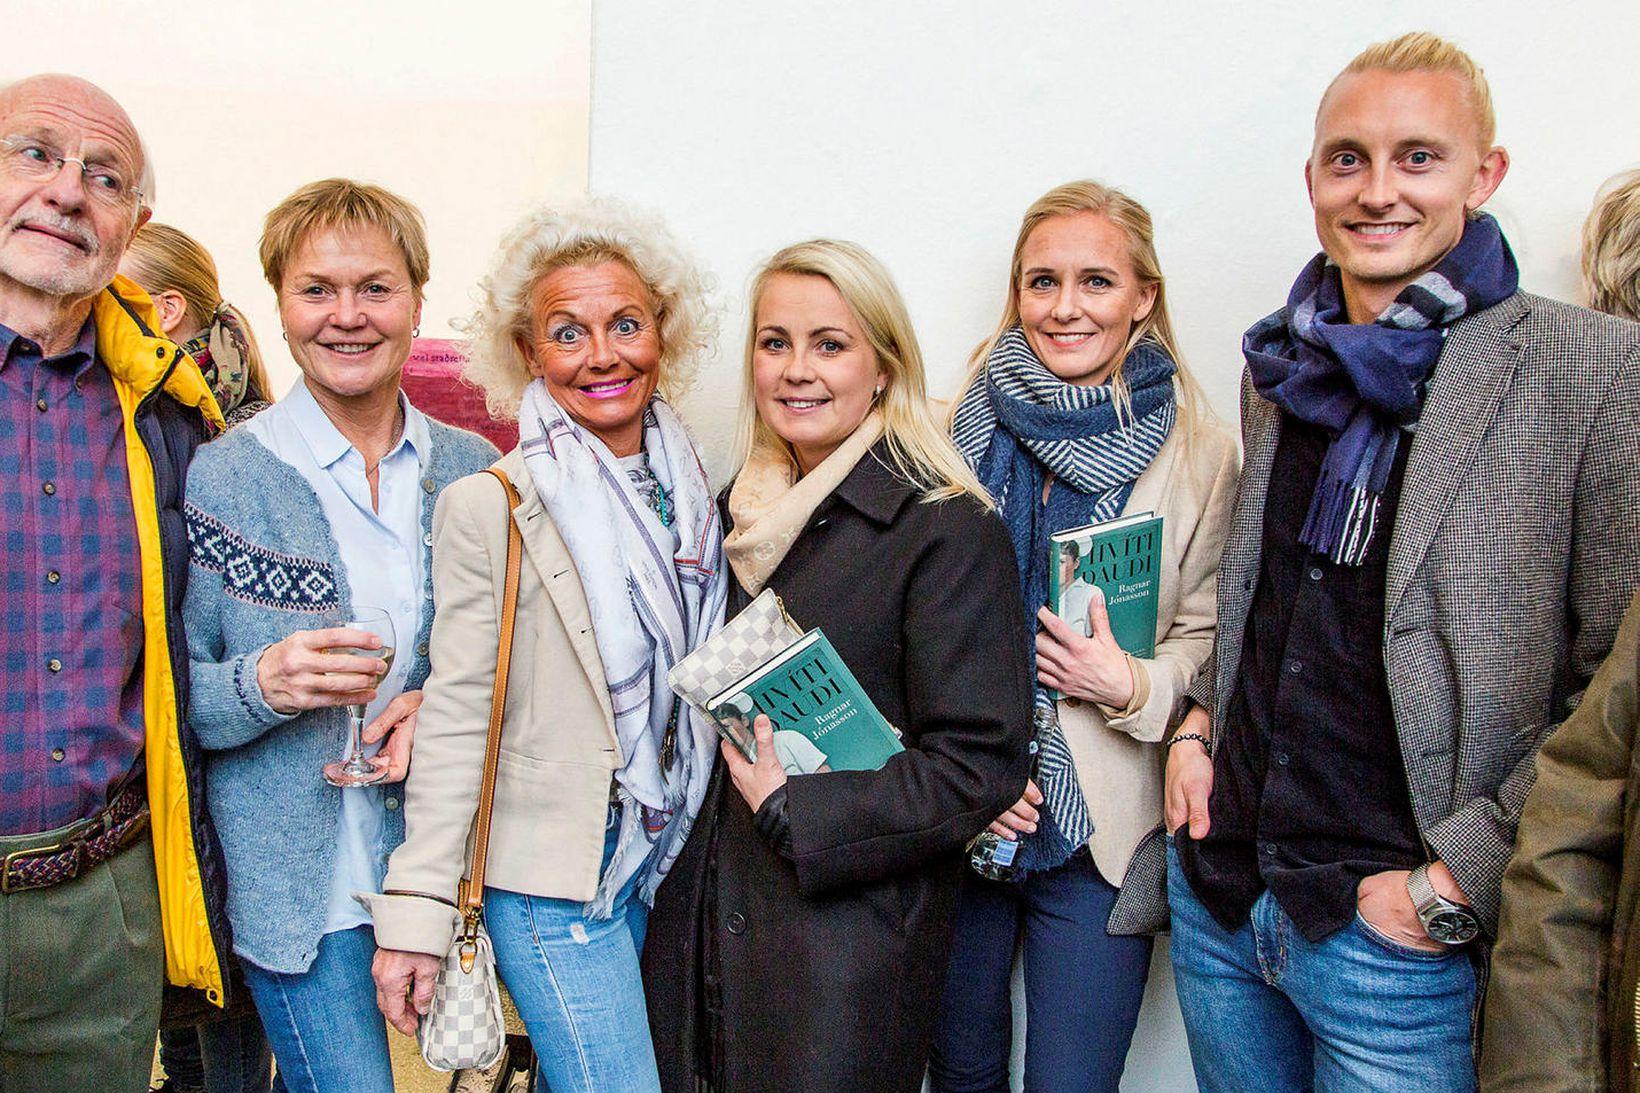 Orri Magnússon, Hólmfríður Traustadóttir, Þóra Guðjónsdóttir, Pálína Magnúsdóttir, Sara Sturludóttir …